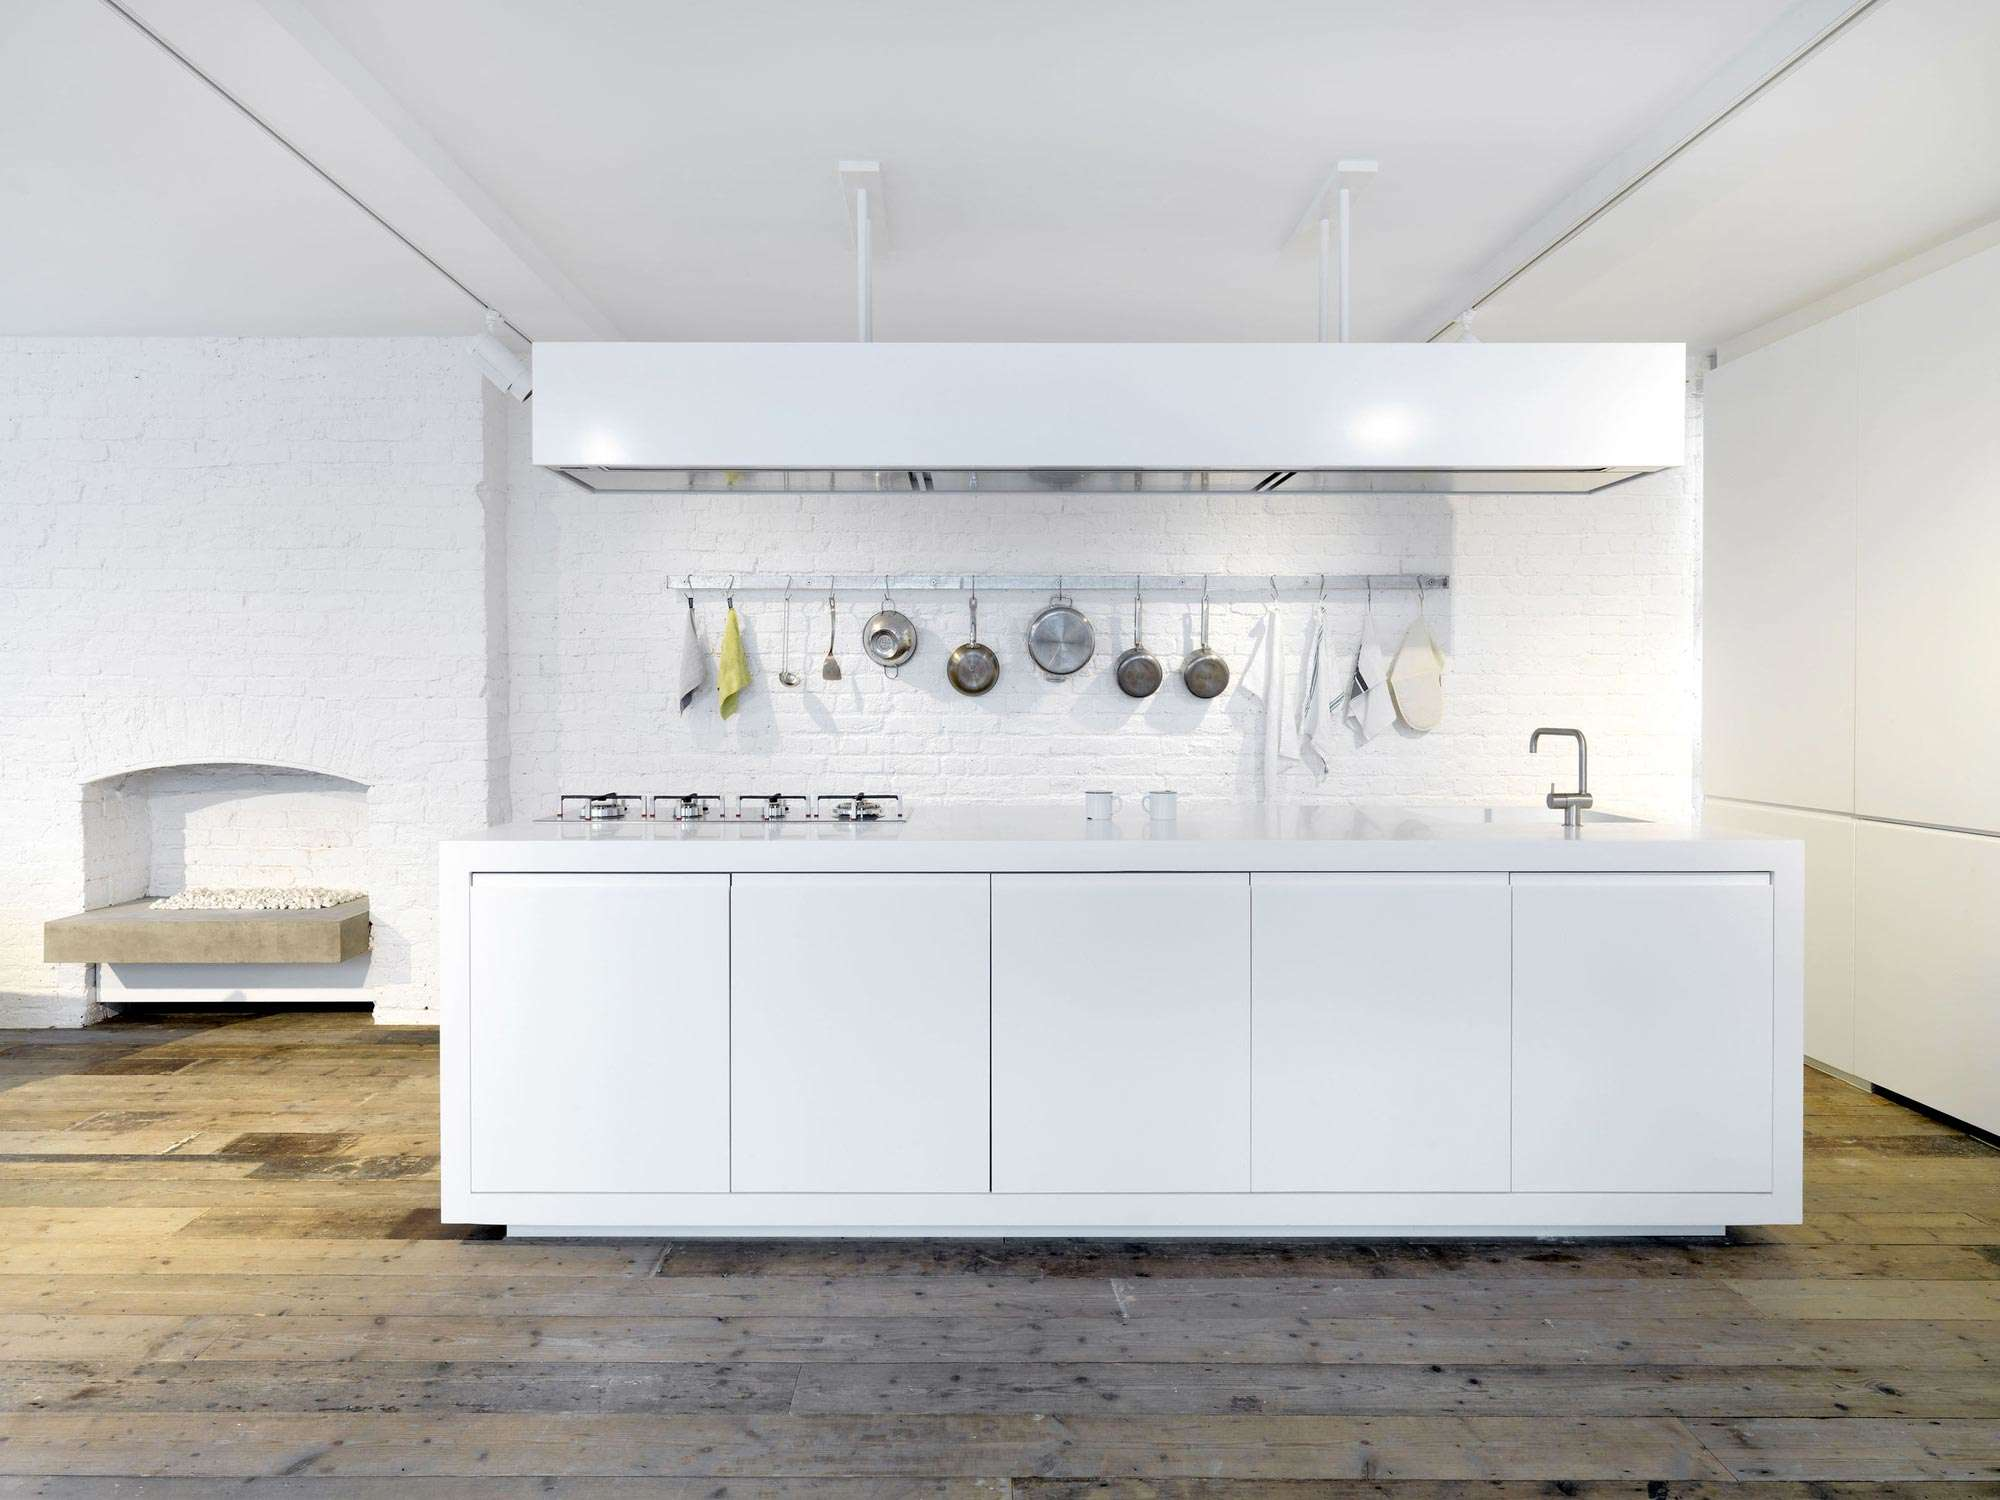 cucina-openspace-ristrutturazione-case